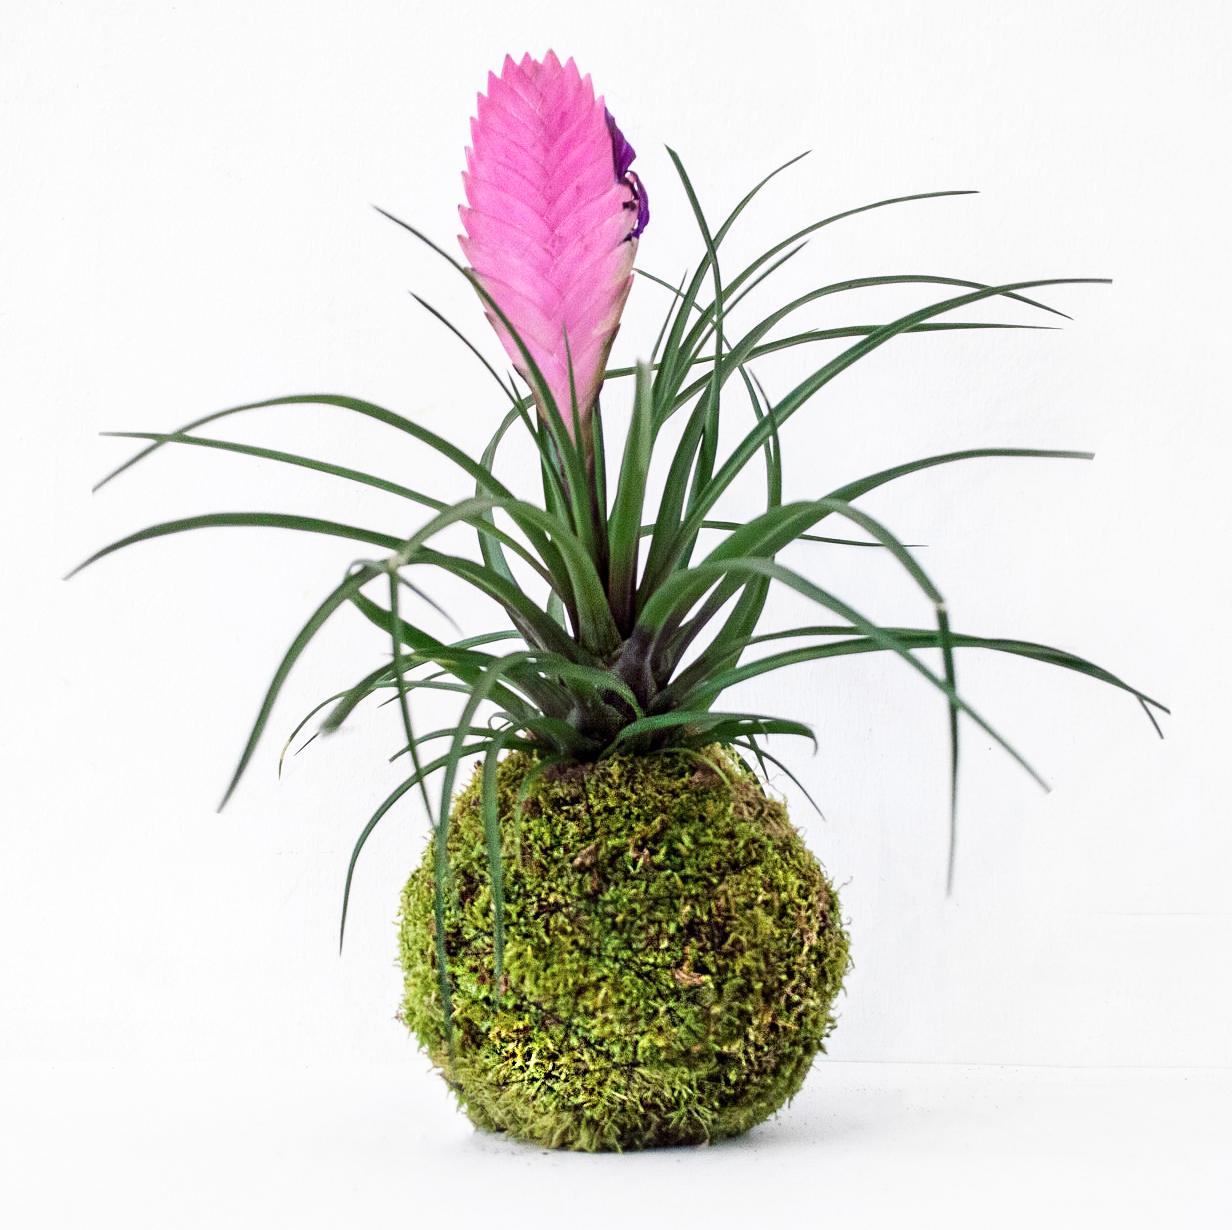 образ яркая цветок тилландсия фото частого несоблюдения сроков